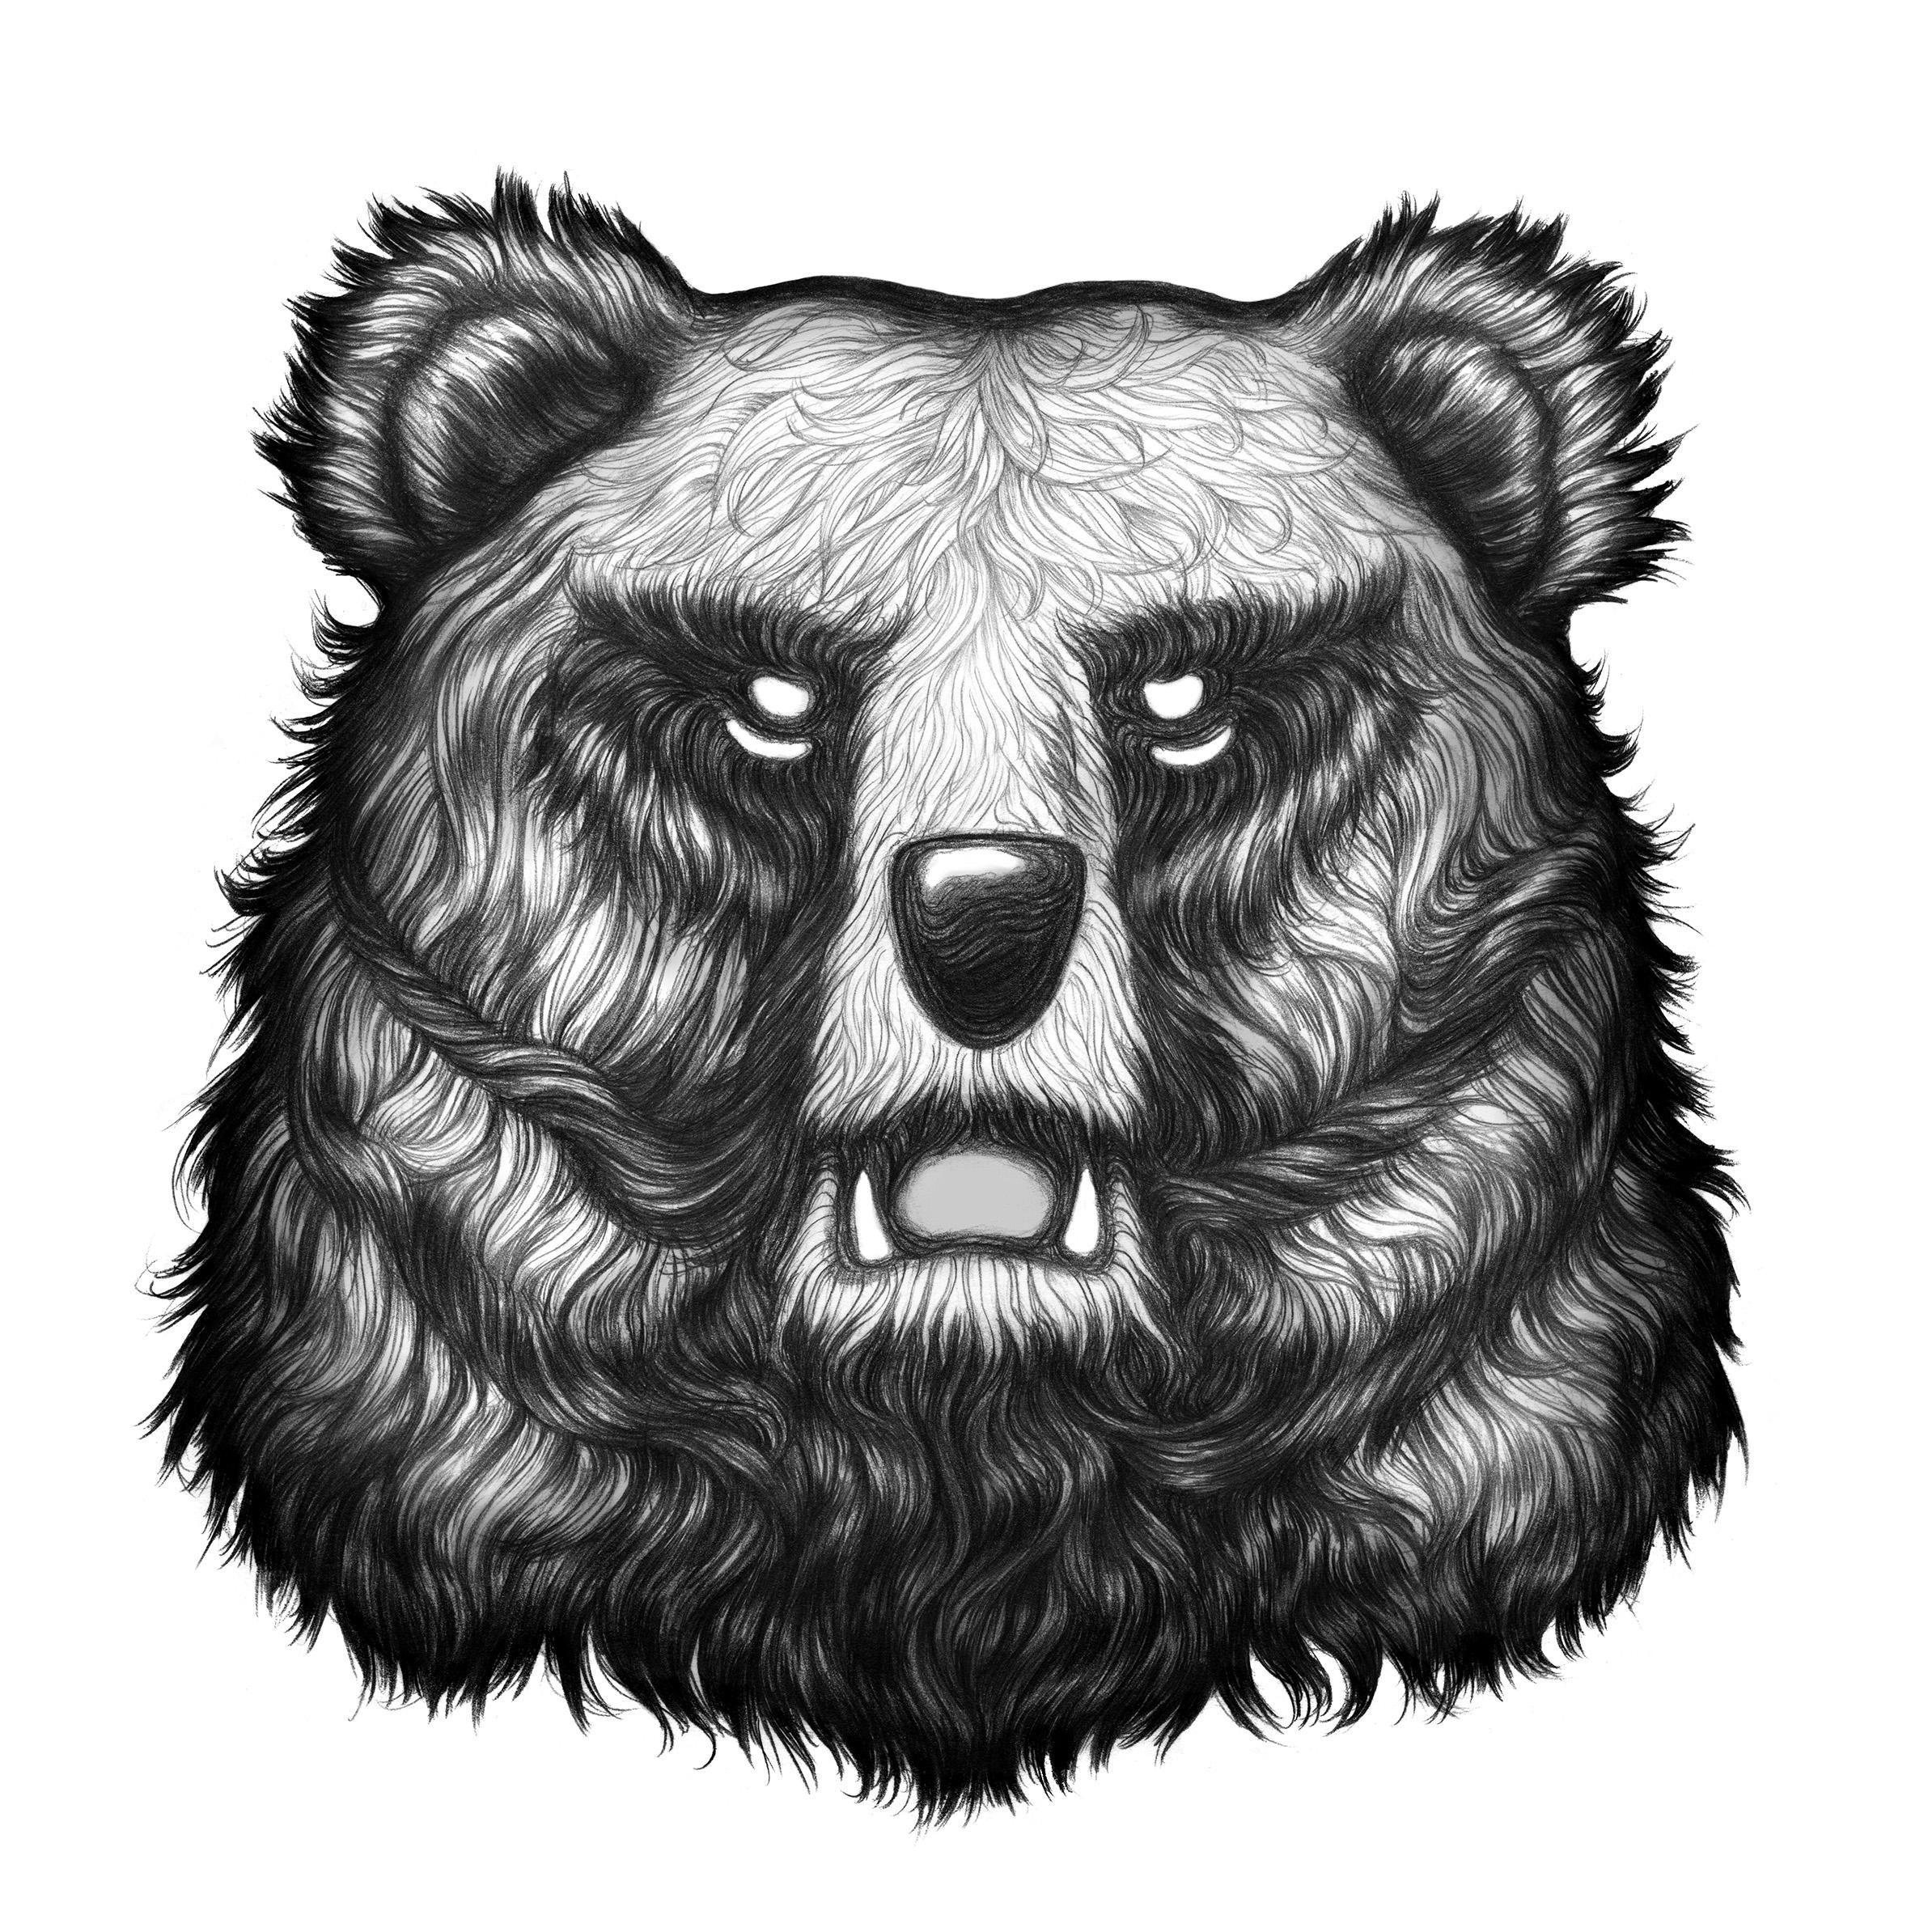 Hae mukaan tekemään Pride-taidetta Karhun kanssa!